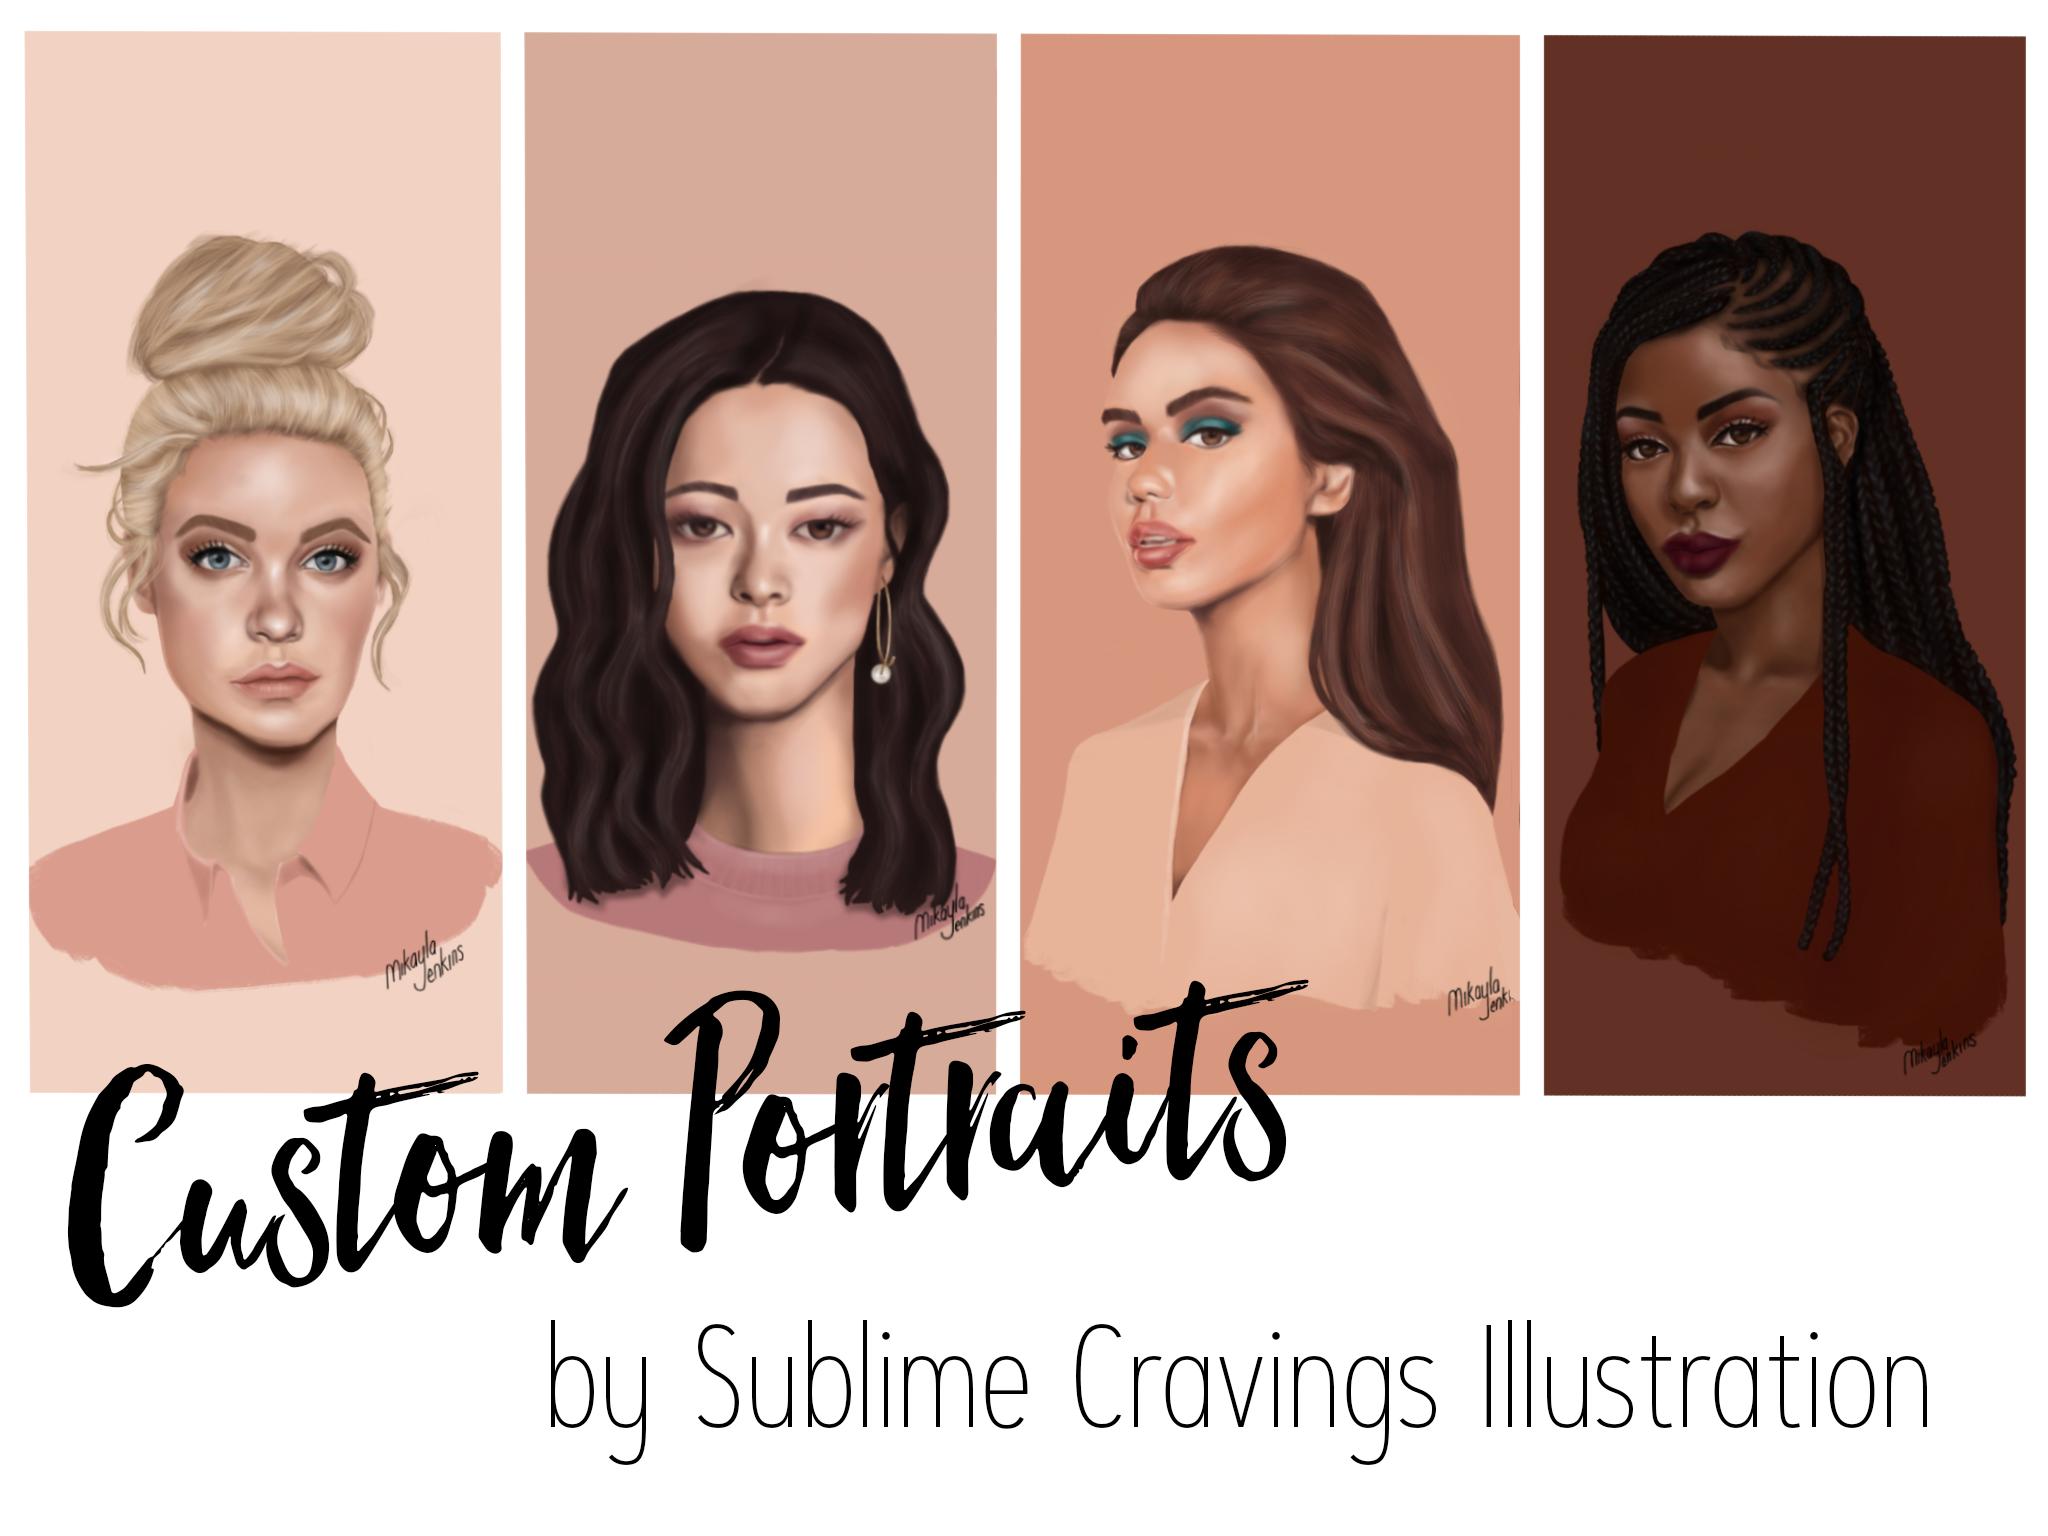 Custom portrait commission - Sublime Cravings Illustration